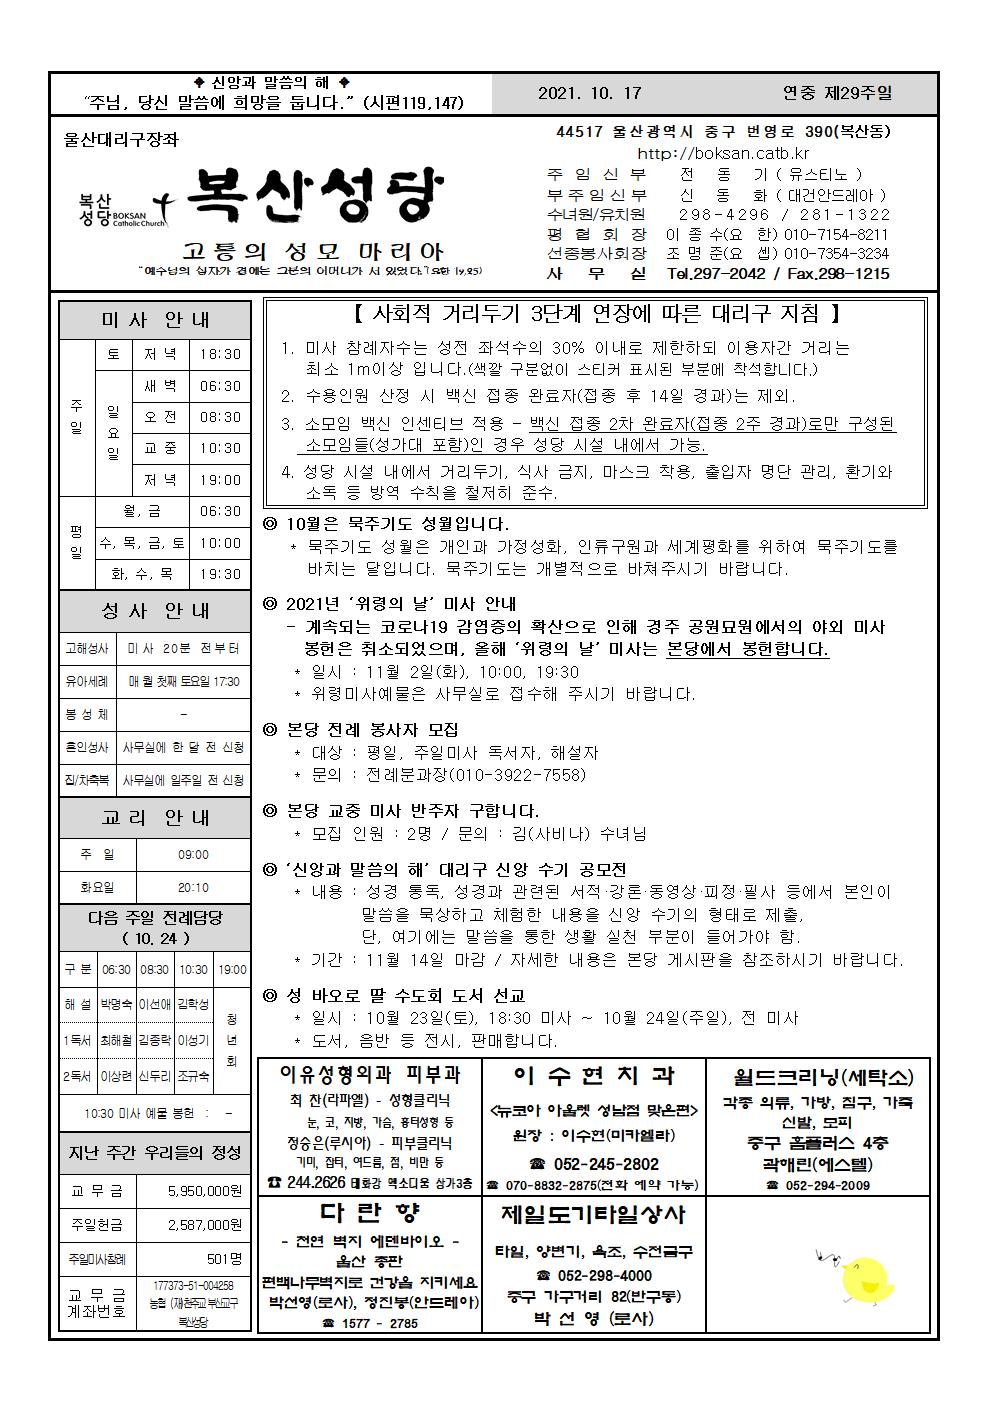 복산20211017001.png